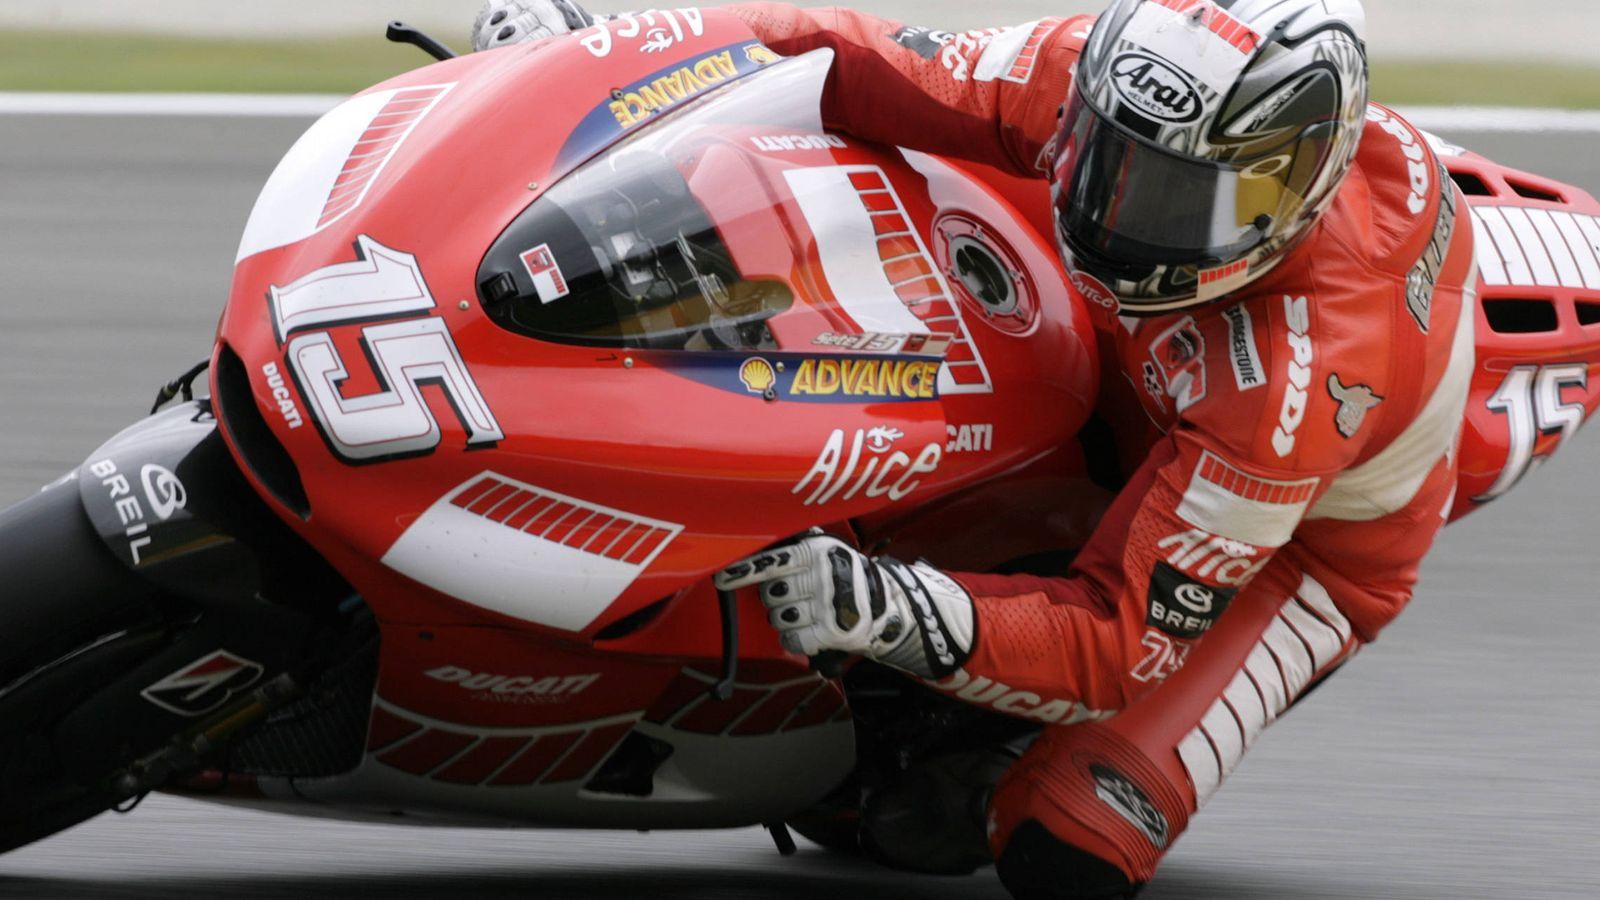 Foto: La de 2006, con Ducati, fue la última temporada completa de Sete Gibernau en MotoGP. (Reuters)